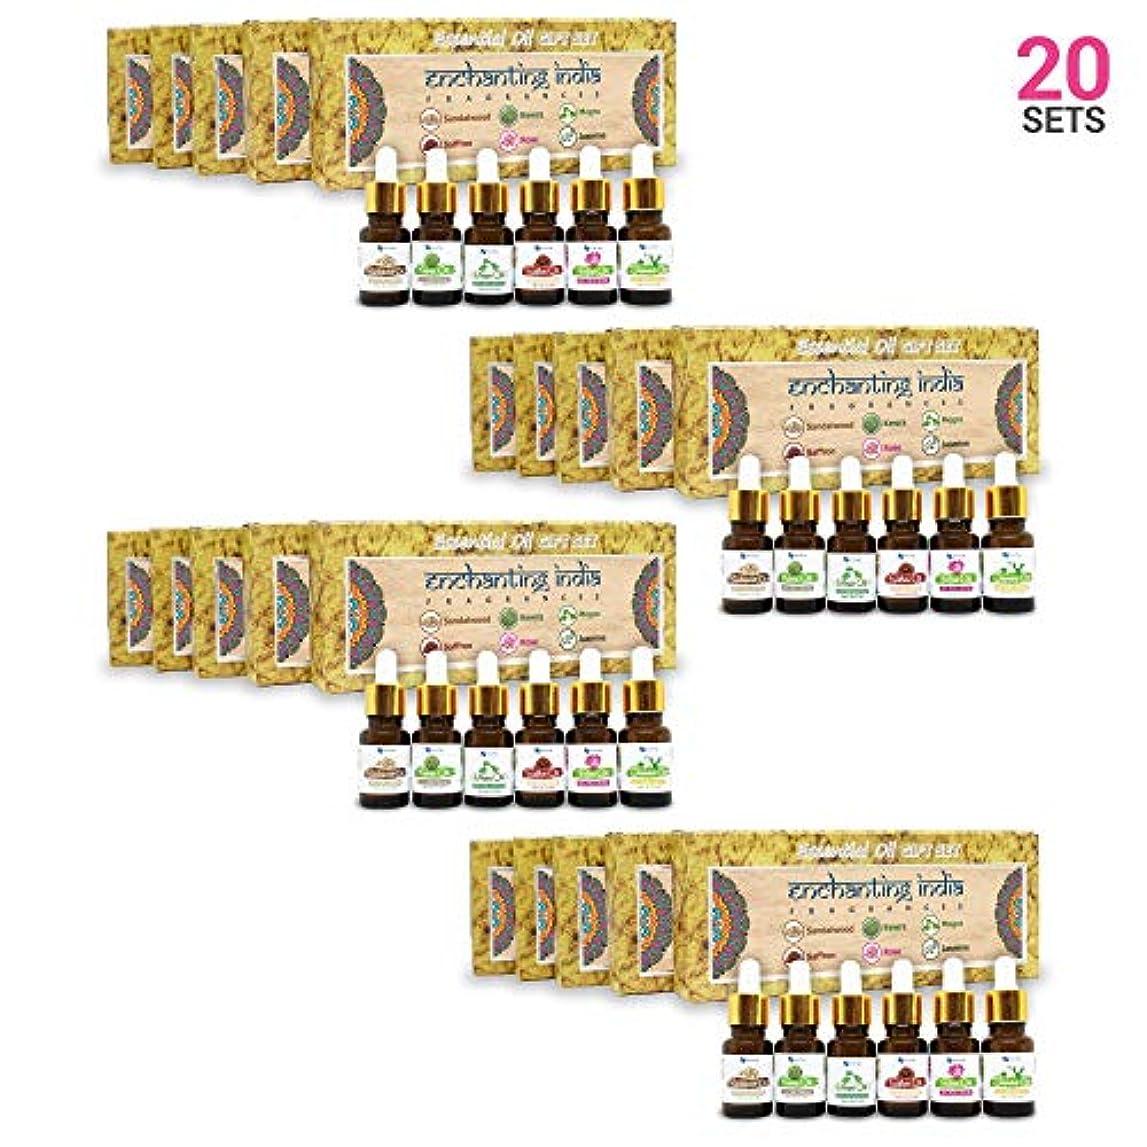 追加反応する顧問Aromatherapy Fragrance Oils (Set of 20) - 100% Pure & Natural Therapeutic Essential Oils, 10ml each (Sandalwood...